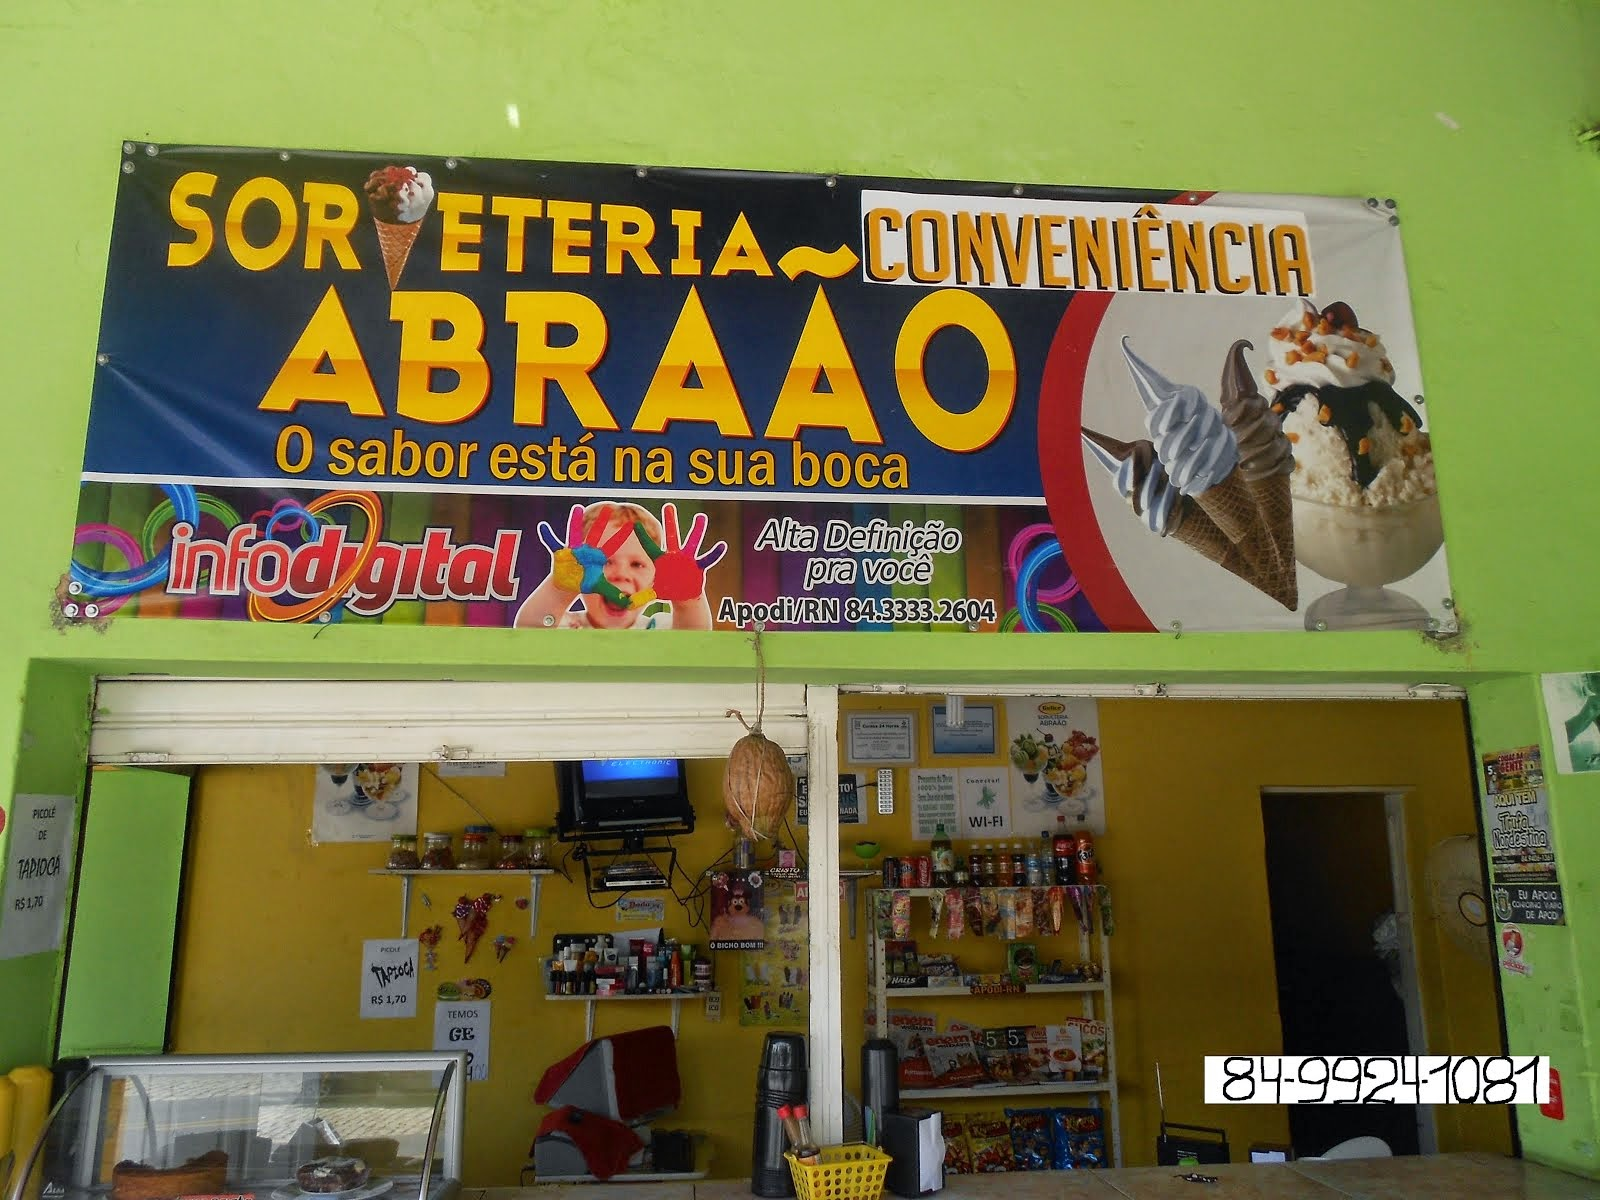 SORVETERIA CONVENIÊNCIA ABRAÃO-O SABOR ESTÁ NA SUA BOCA, PERTINHO DO BAR LEÃO